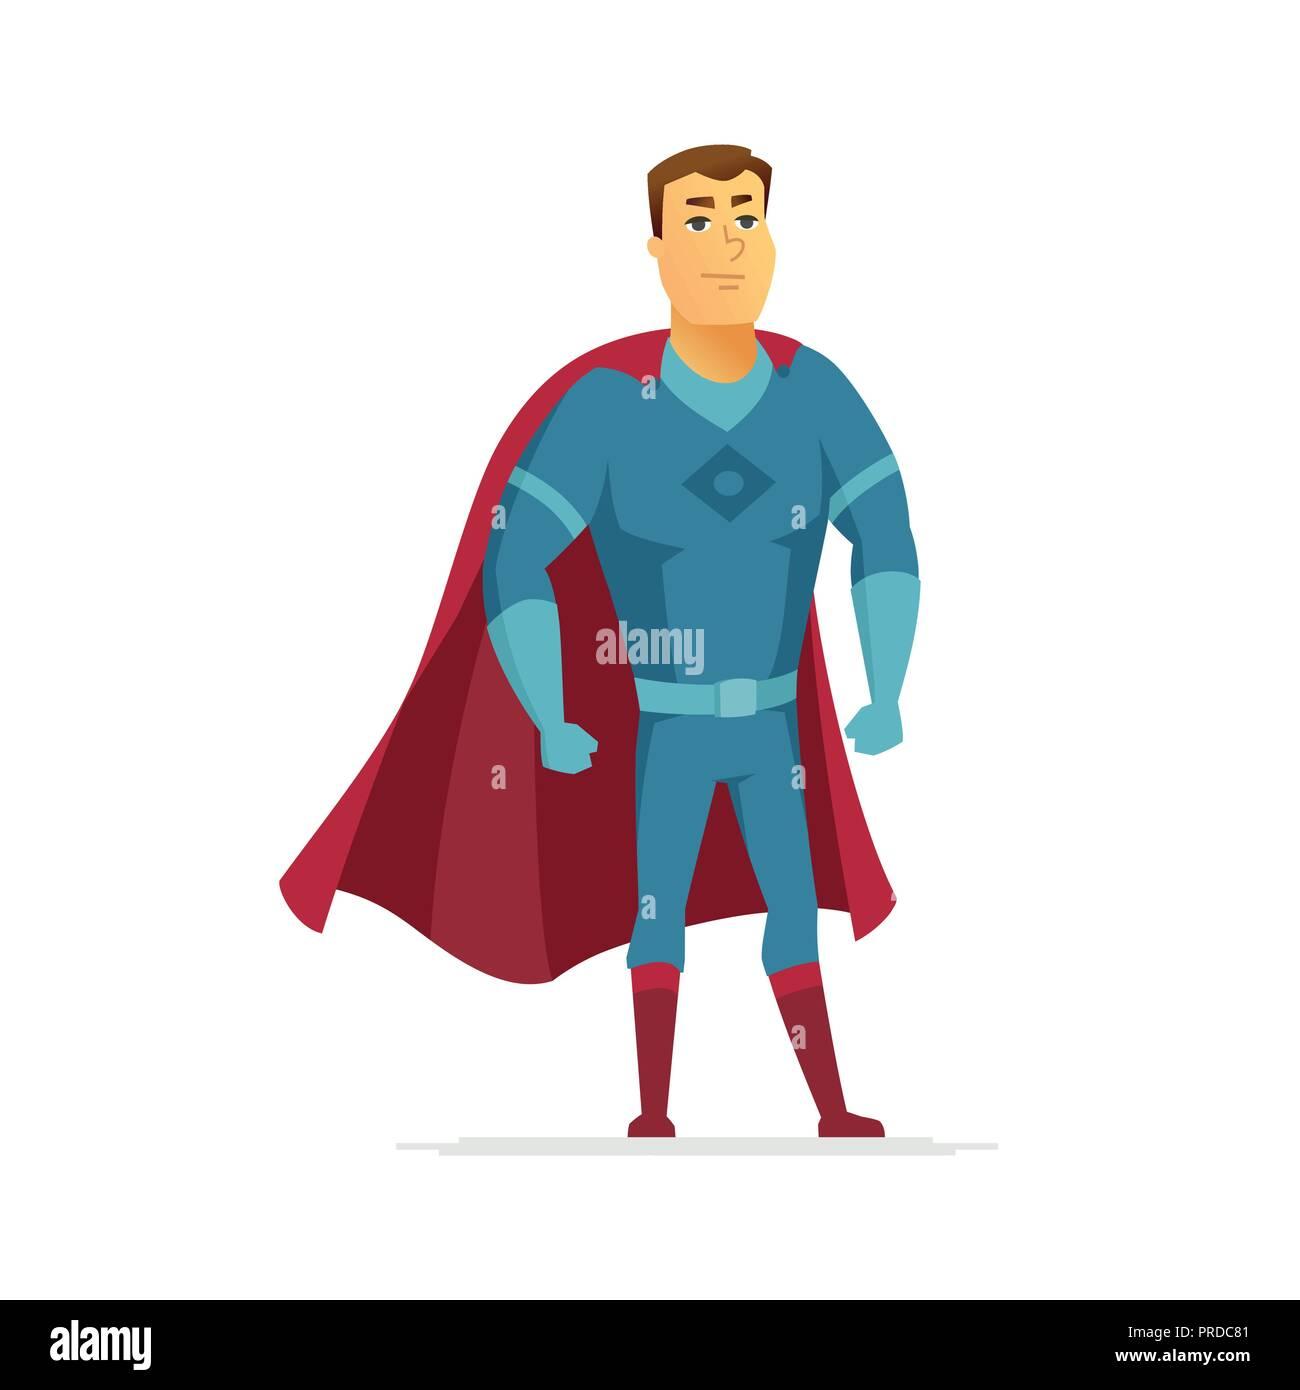 Super Heros De Dessin Anime Moderne Image De Couleurs De Caracteres Des Gens Image Vectorielle Stock Alamy